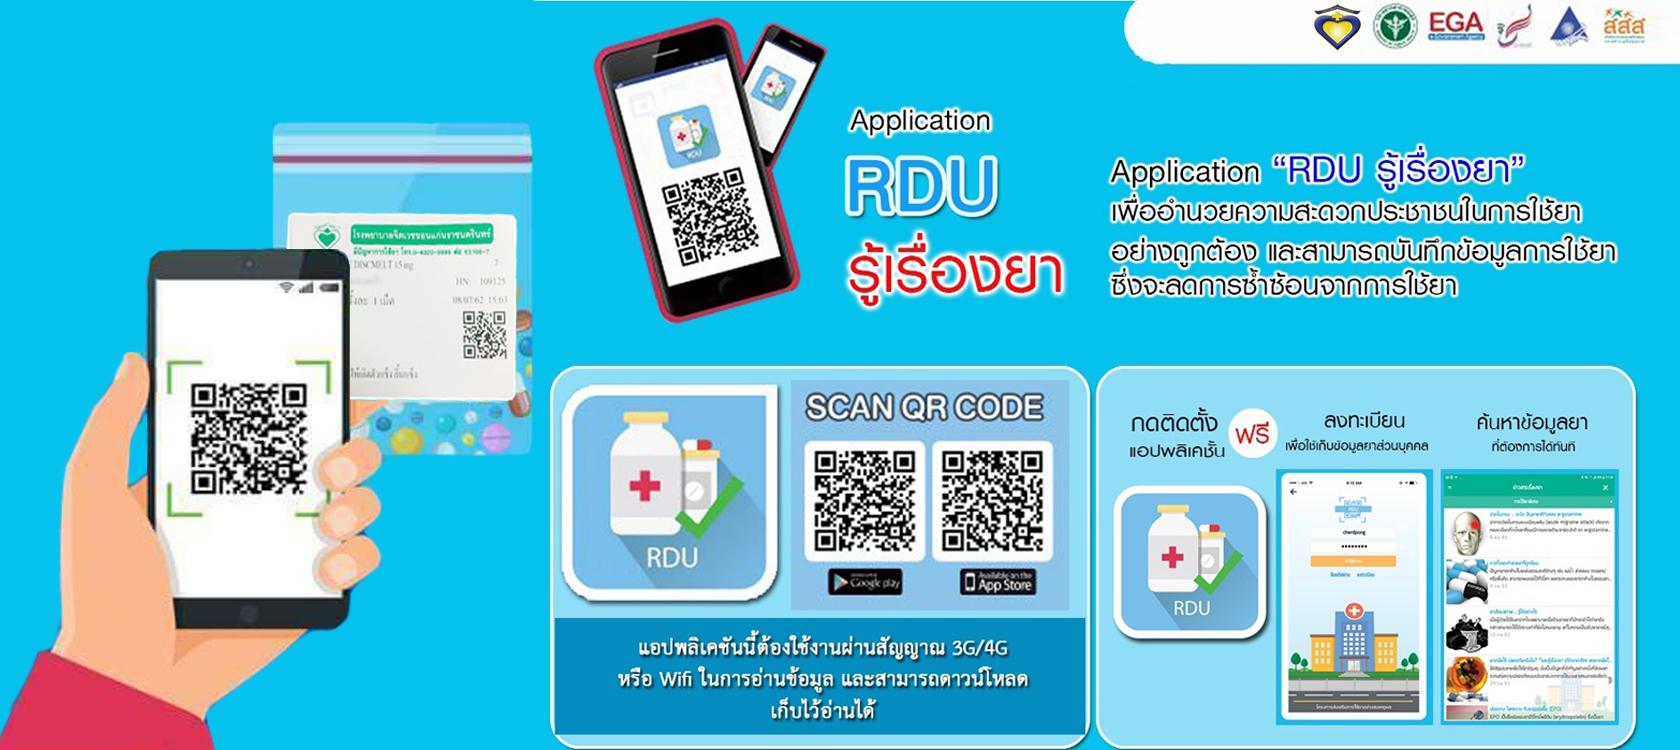 ฉลากยาใหม่ จิตเวชขอนแก่น สามารถใช้งาน ร่วมกับ App RDU รู้เรื่องยา